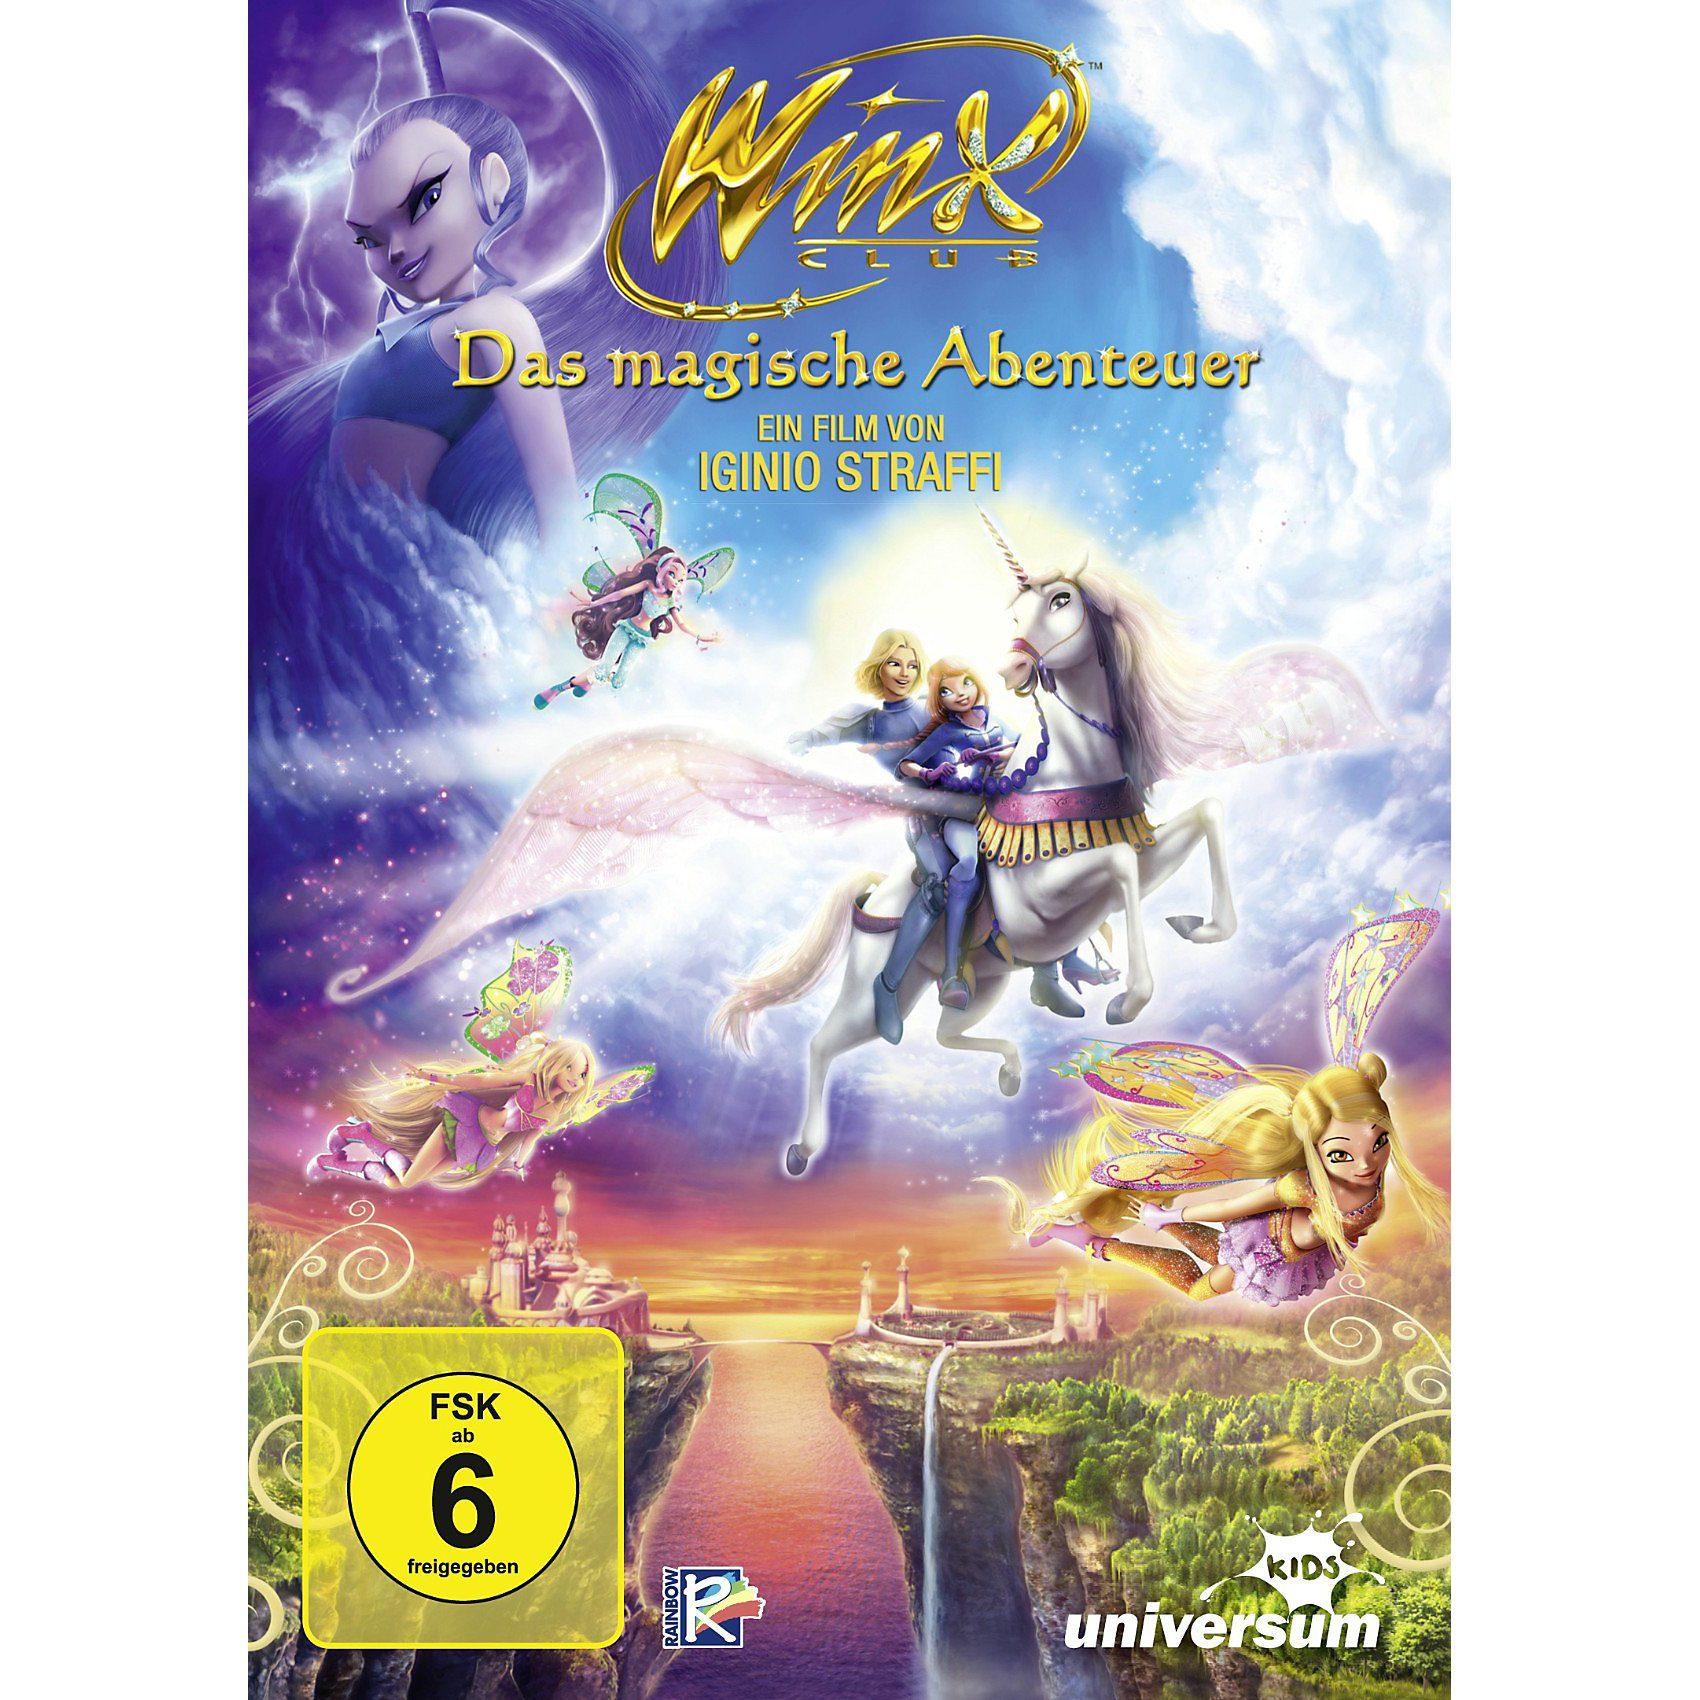 universum DVD Winx Club - Das magische Abenteuer